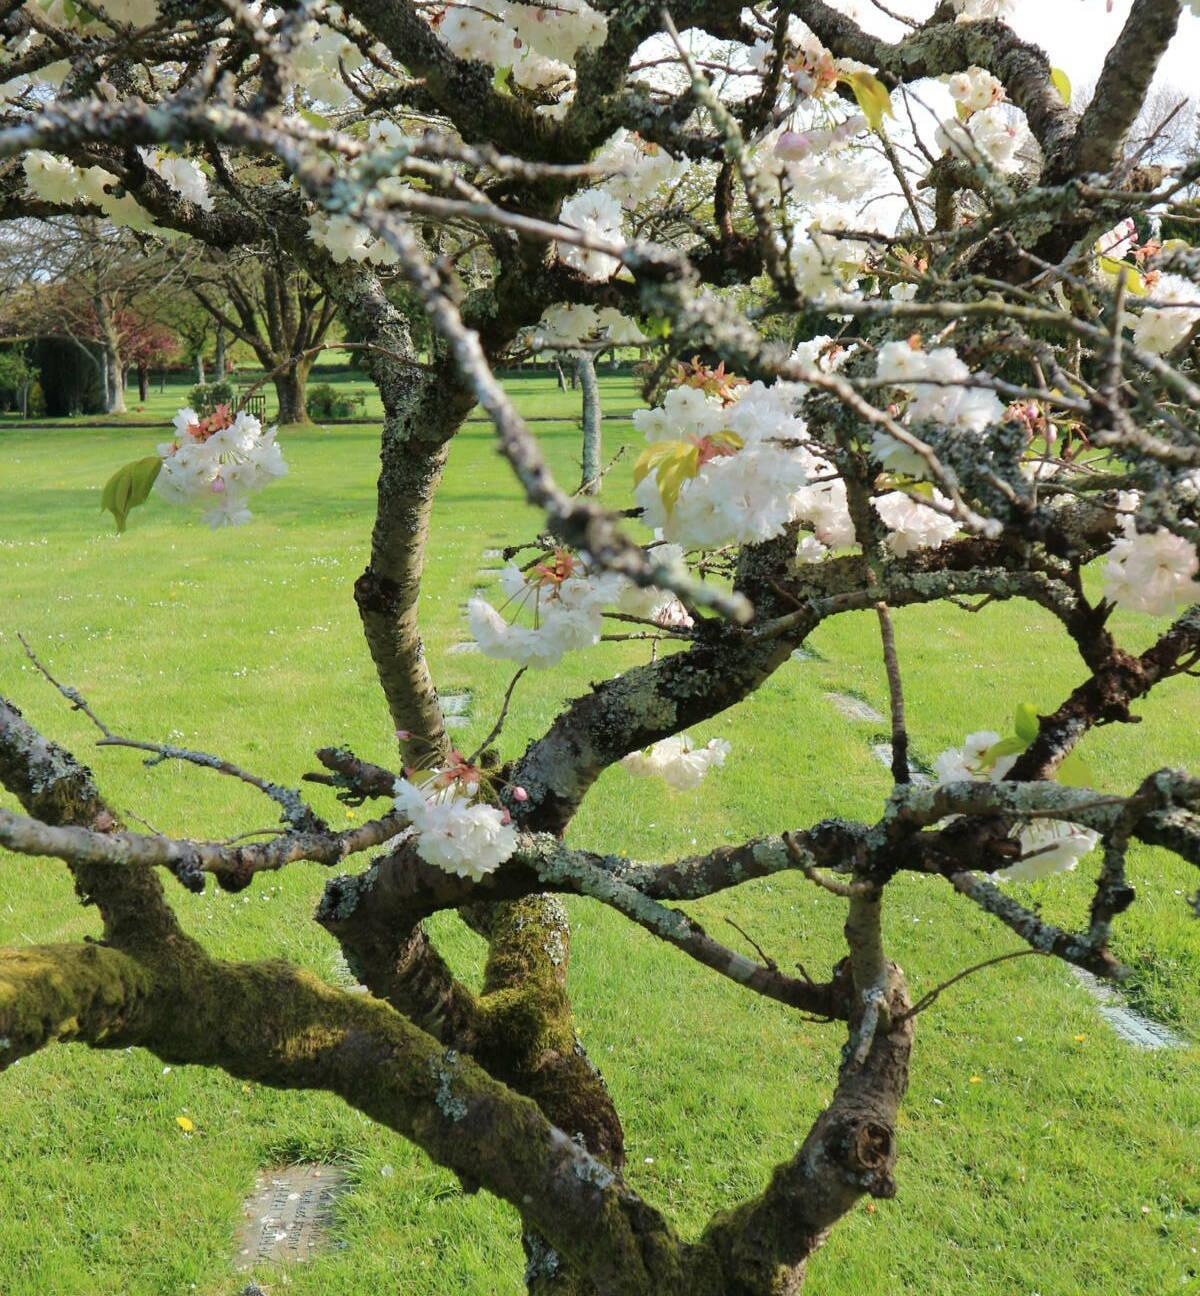 http://drakememorialpark.co.uk/upload/gallery_image/f38fd6270319114816.JPG